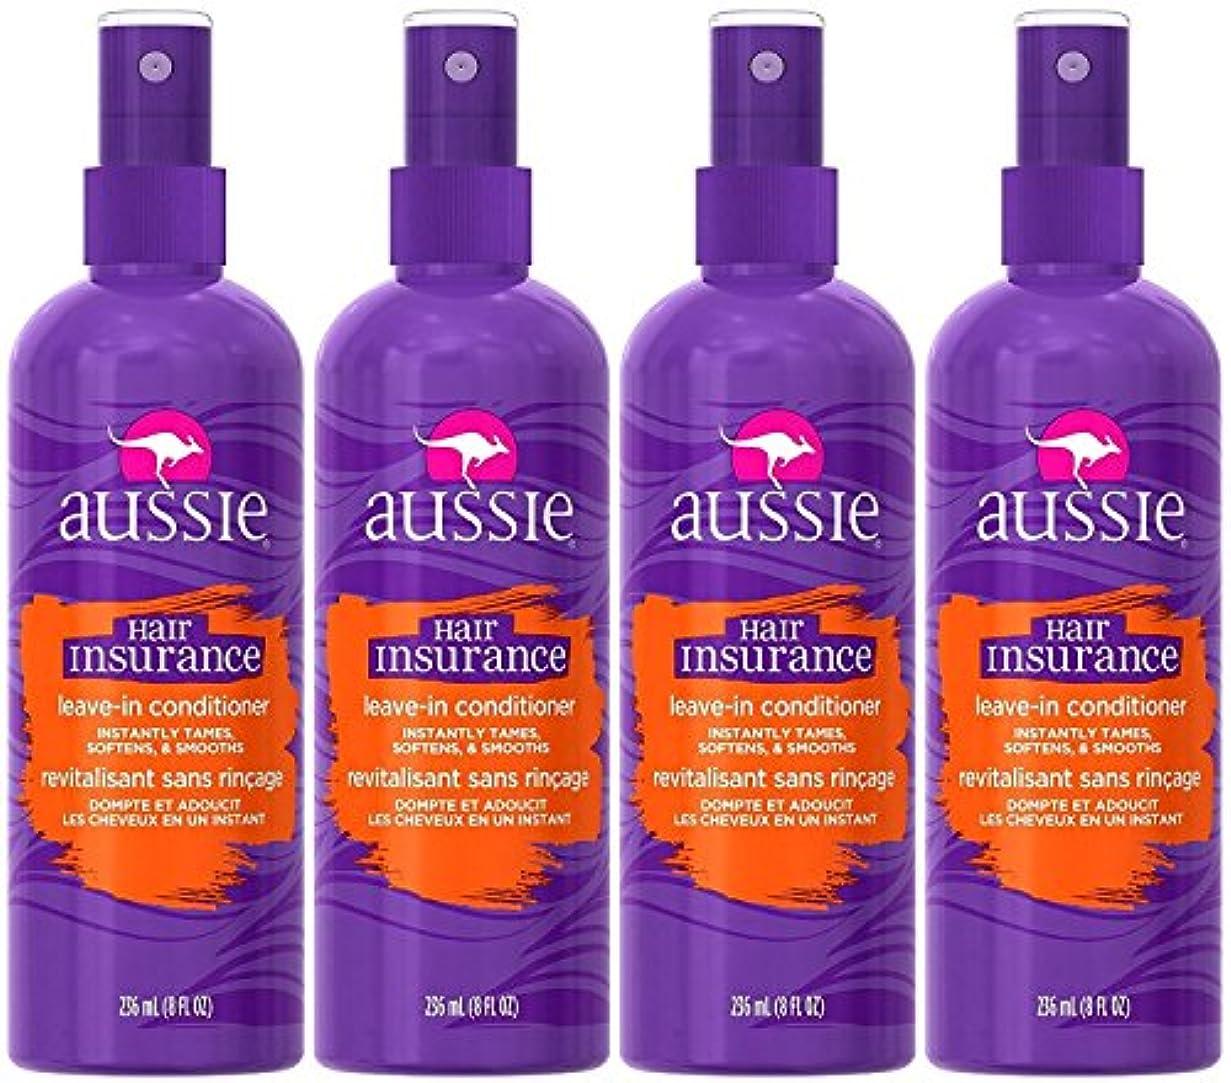 ぴったり道路ムスAussie 髪の保険は、リーブインコンディショナー8オンス(4パック)